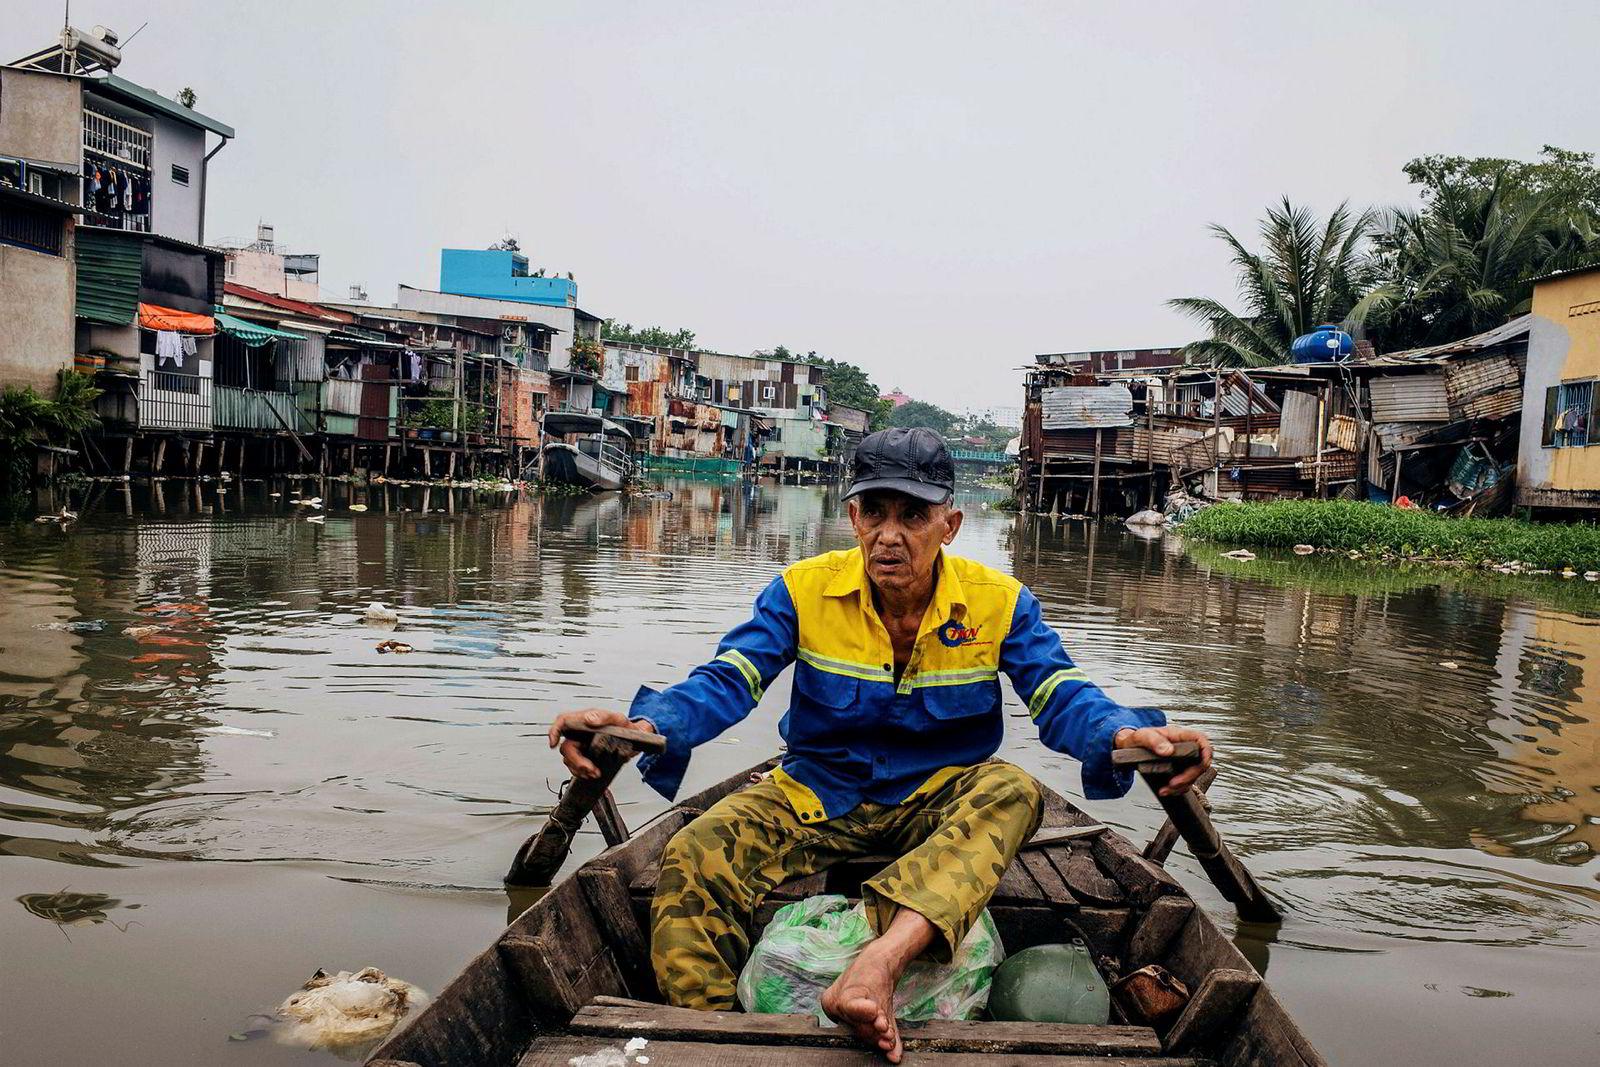 Le Ngoc Chau ror langs Xuyen Tam-kanalen. Han livnærer seg av å plukke søppel i det forurensede vannet, og transportere passasjerer rundt omkring.